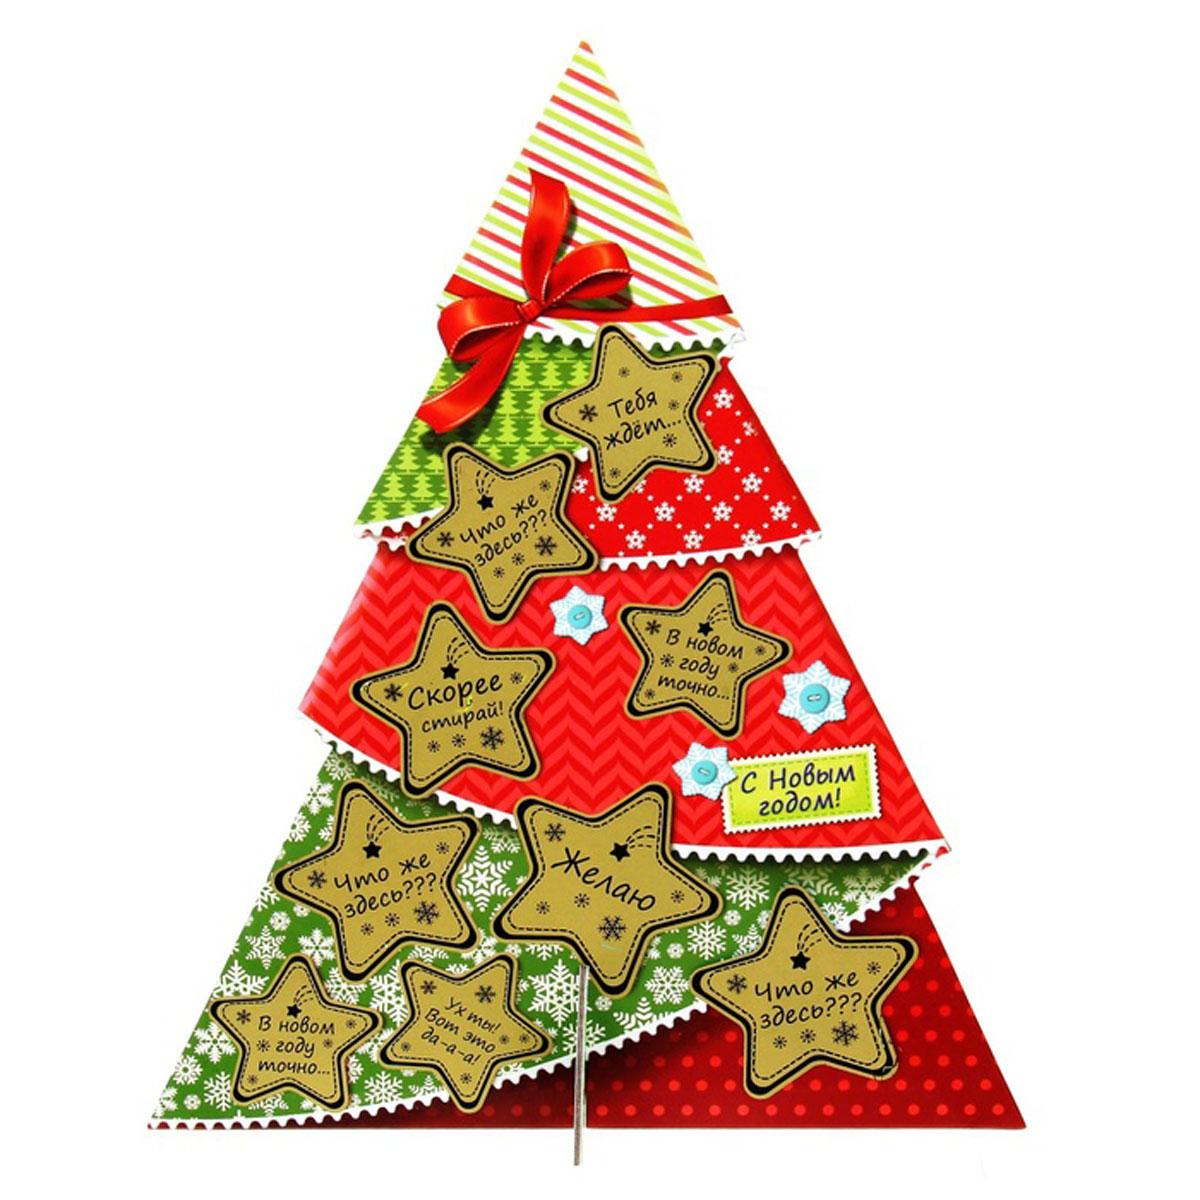 Украшение новогоднее Sima-land С Новым годом!, со скретч-слоем, 23,5 см х 29,2 см1099049Украшение новогоднее Sima-land С Новым годом!, изготовленное из картона, отлично подойдет для декорации вашего дома. Украшение выполнено в виде ели, декорированной снежинками, которая собирается из двух частей крест-накрест. На деревце развешаны, словно игрушки, маленькие пожелания под скретч-слоем, который нужно стереть, когда часы пробьют двенадцать. Новогодние украшения всегда несут в себе волшебство и красоту праздника. Создайте в своем доме атмосферу тепла, веселья и радости, украшая его всей семьей.